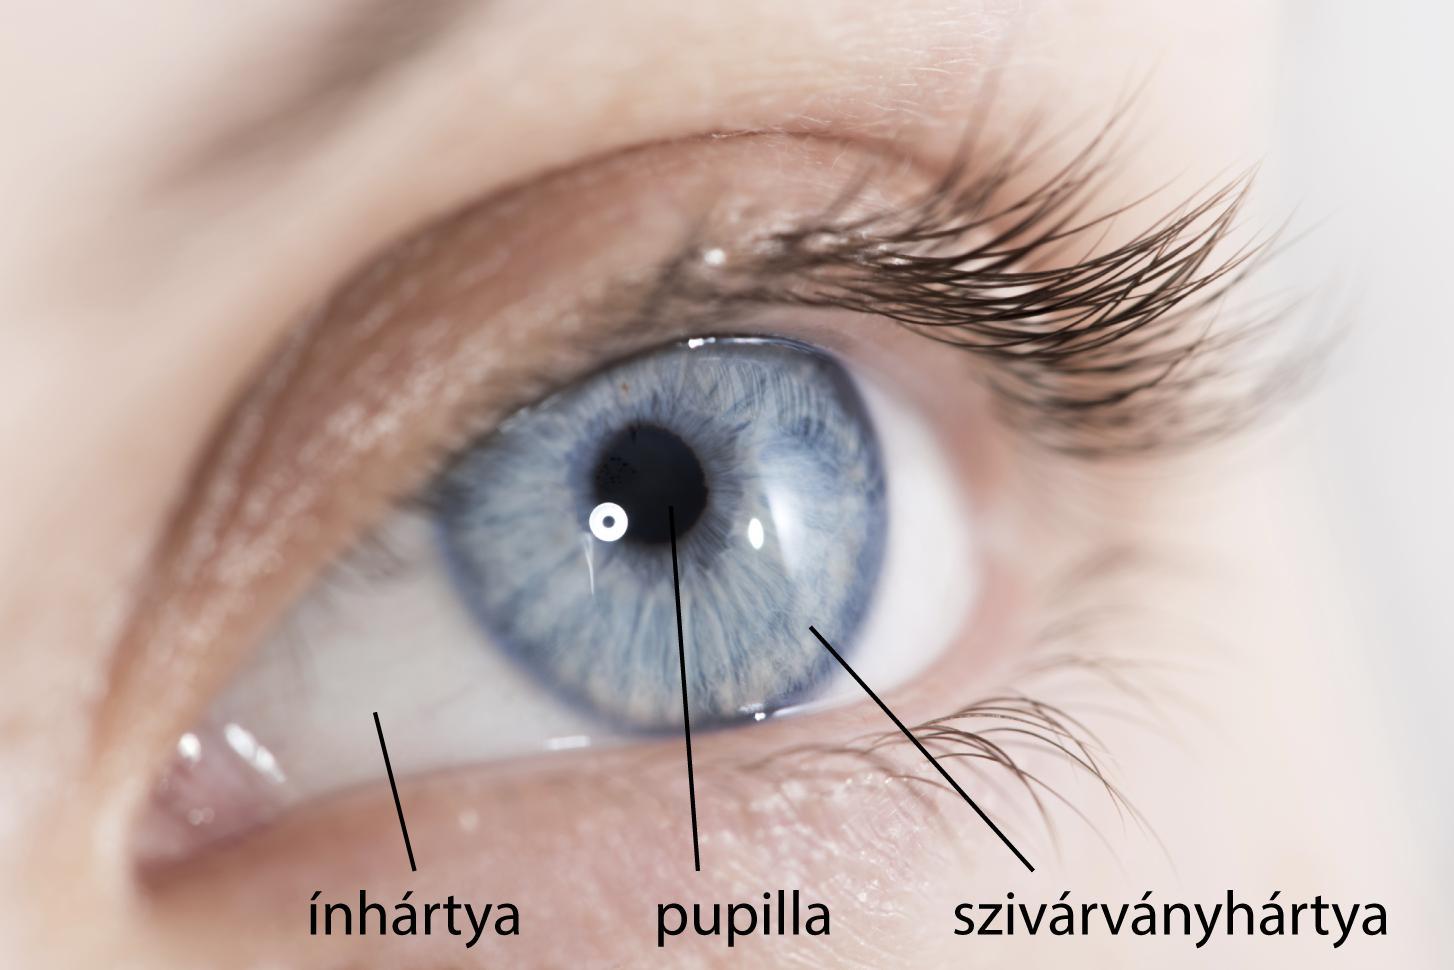 jó látás és gyenge mi a rövidlátás a rövidlátás